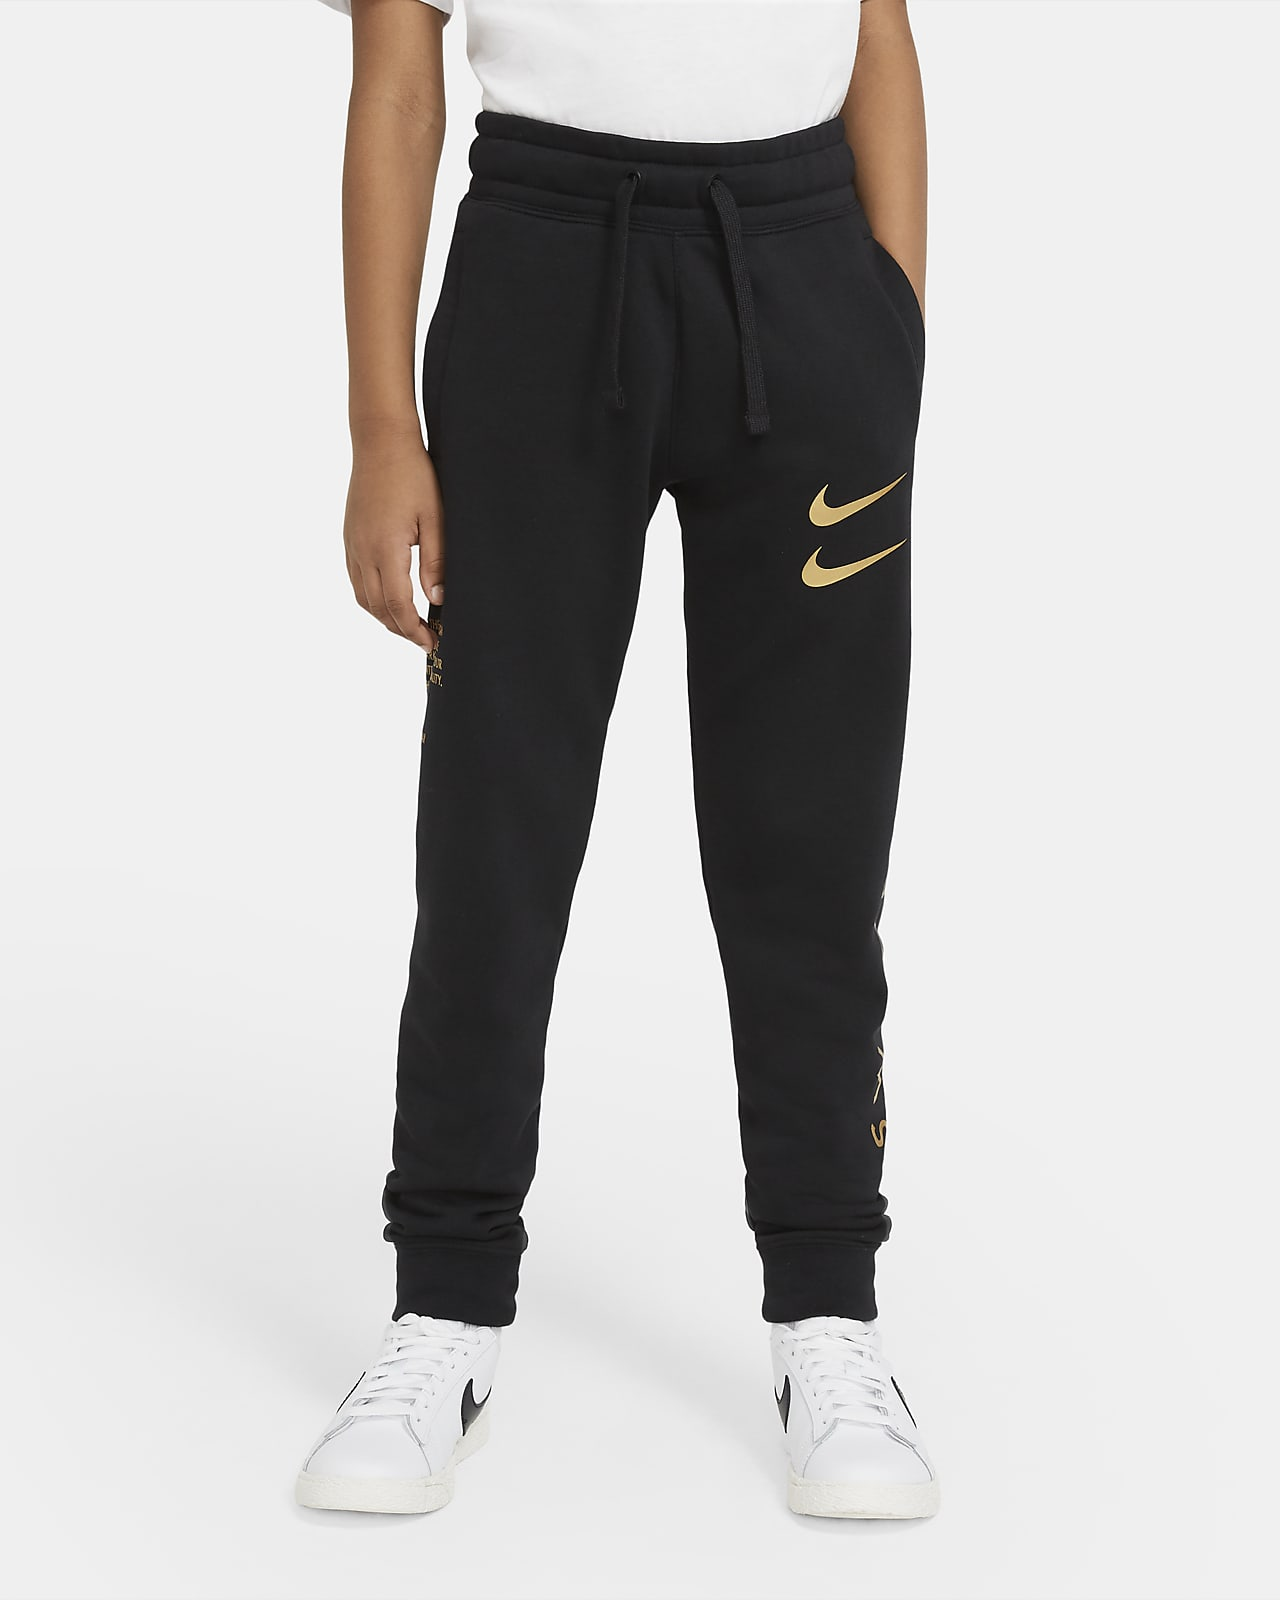 Kalhoty Nike Sportswear Swoosh pro větší děti (chlapce)